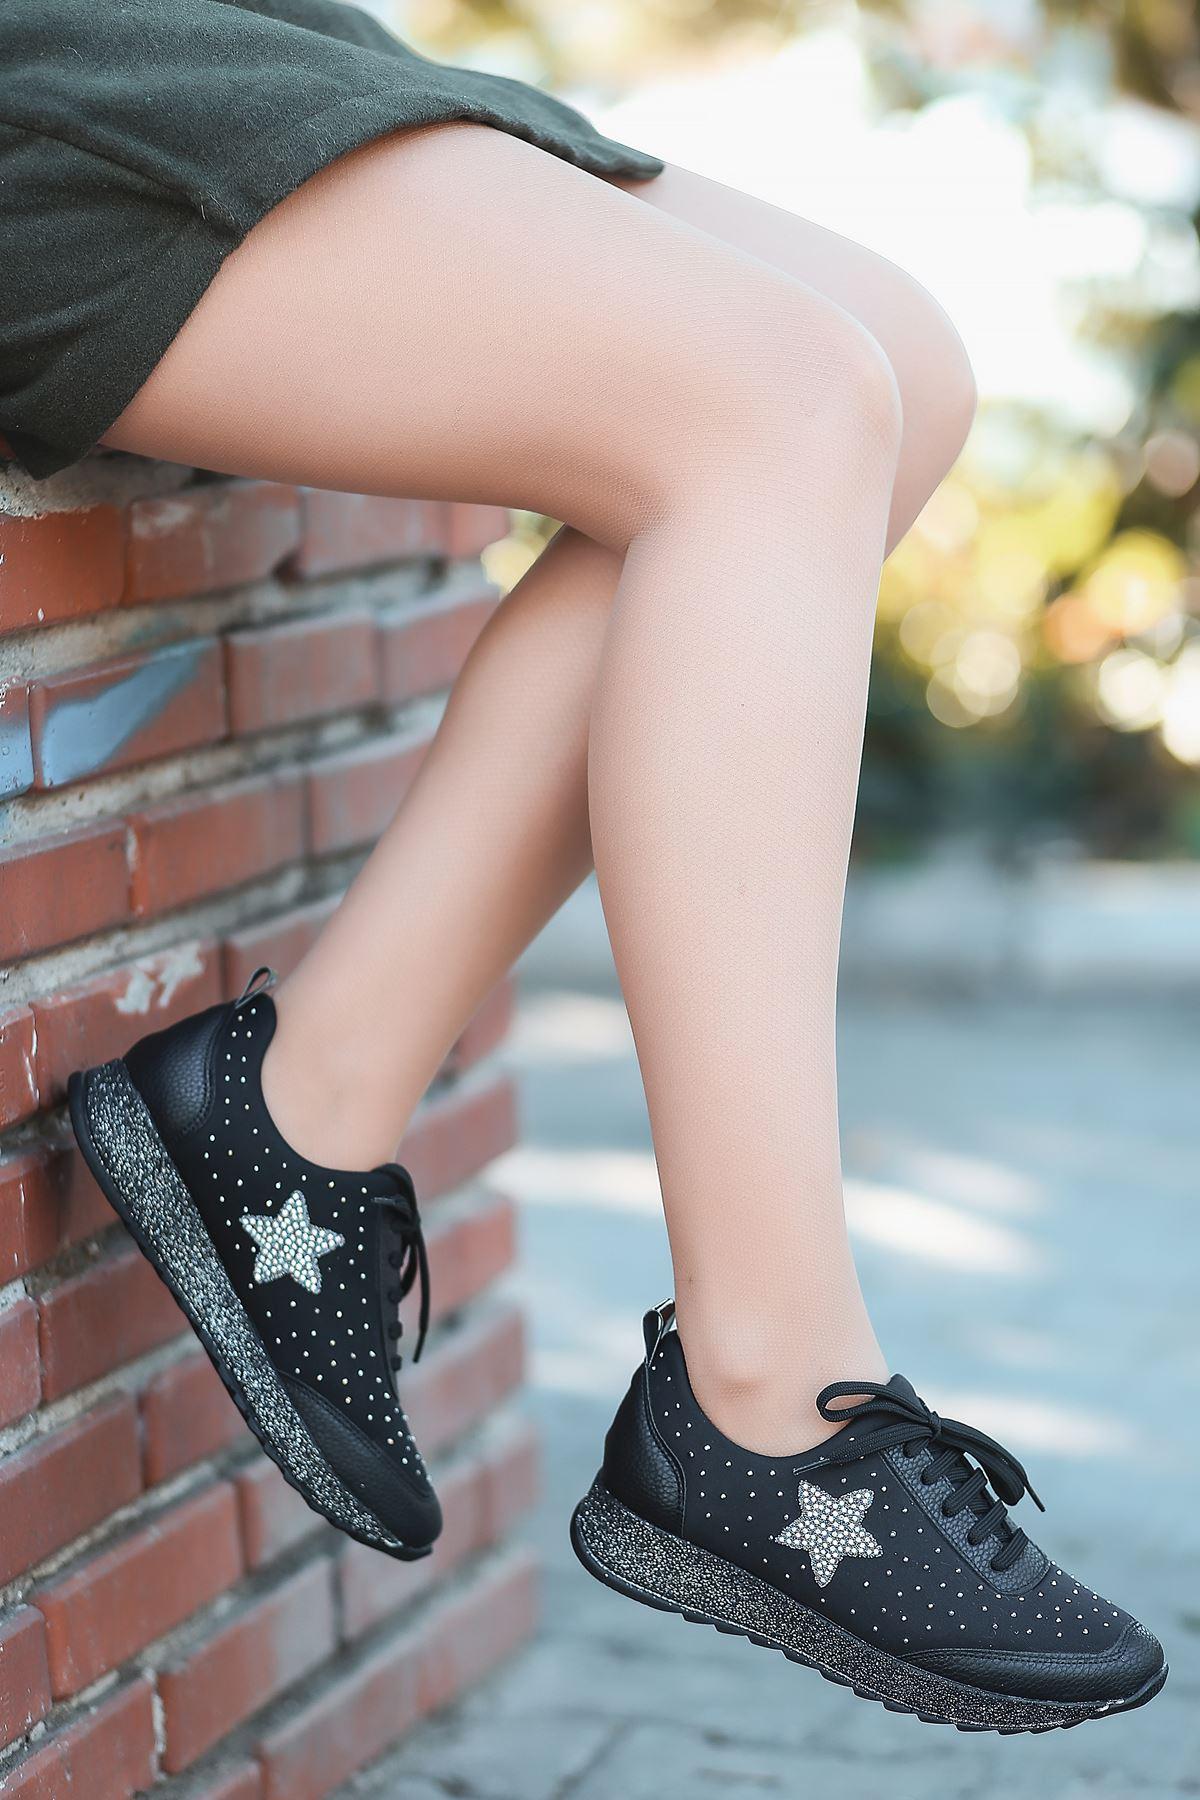 Wrap Taş Detaylı Bağcıklı Simli Taban Siyah Kadın Spor Ayakkabı